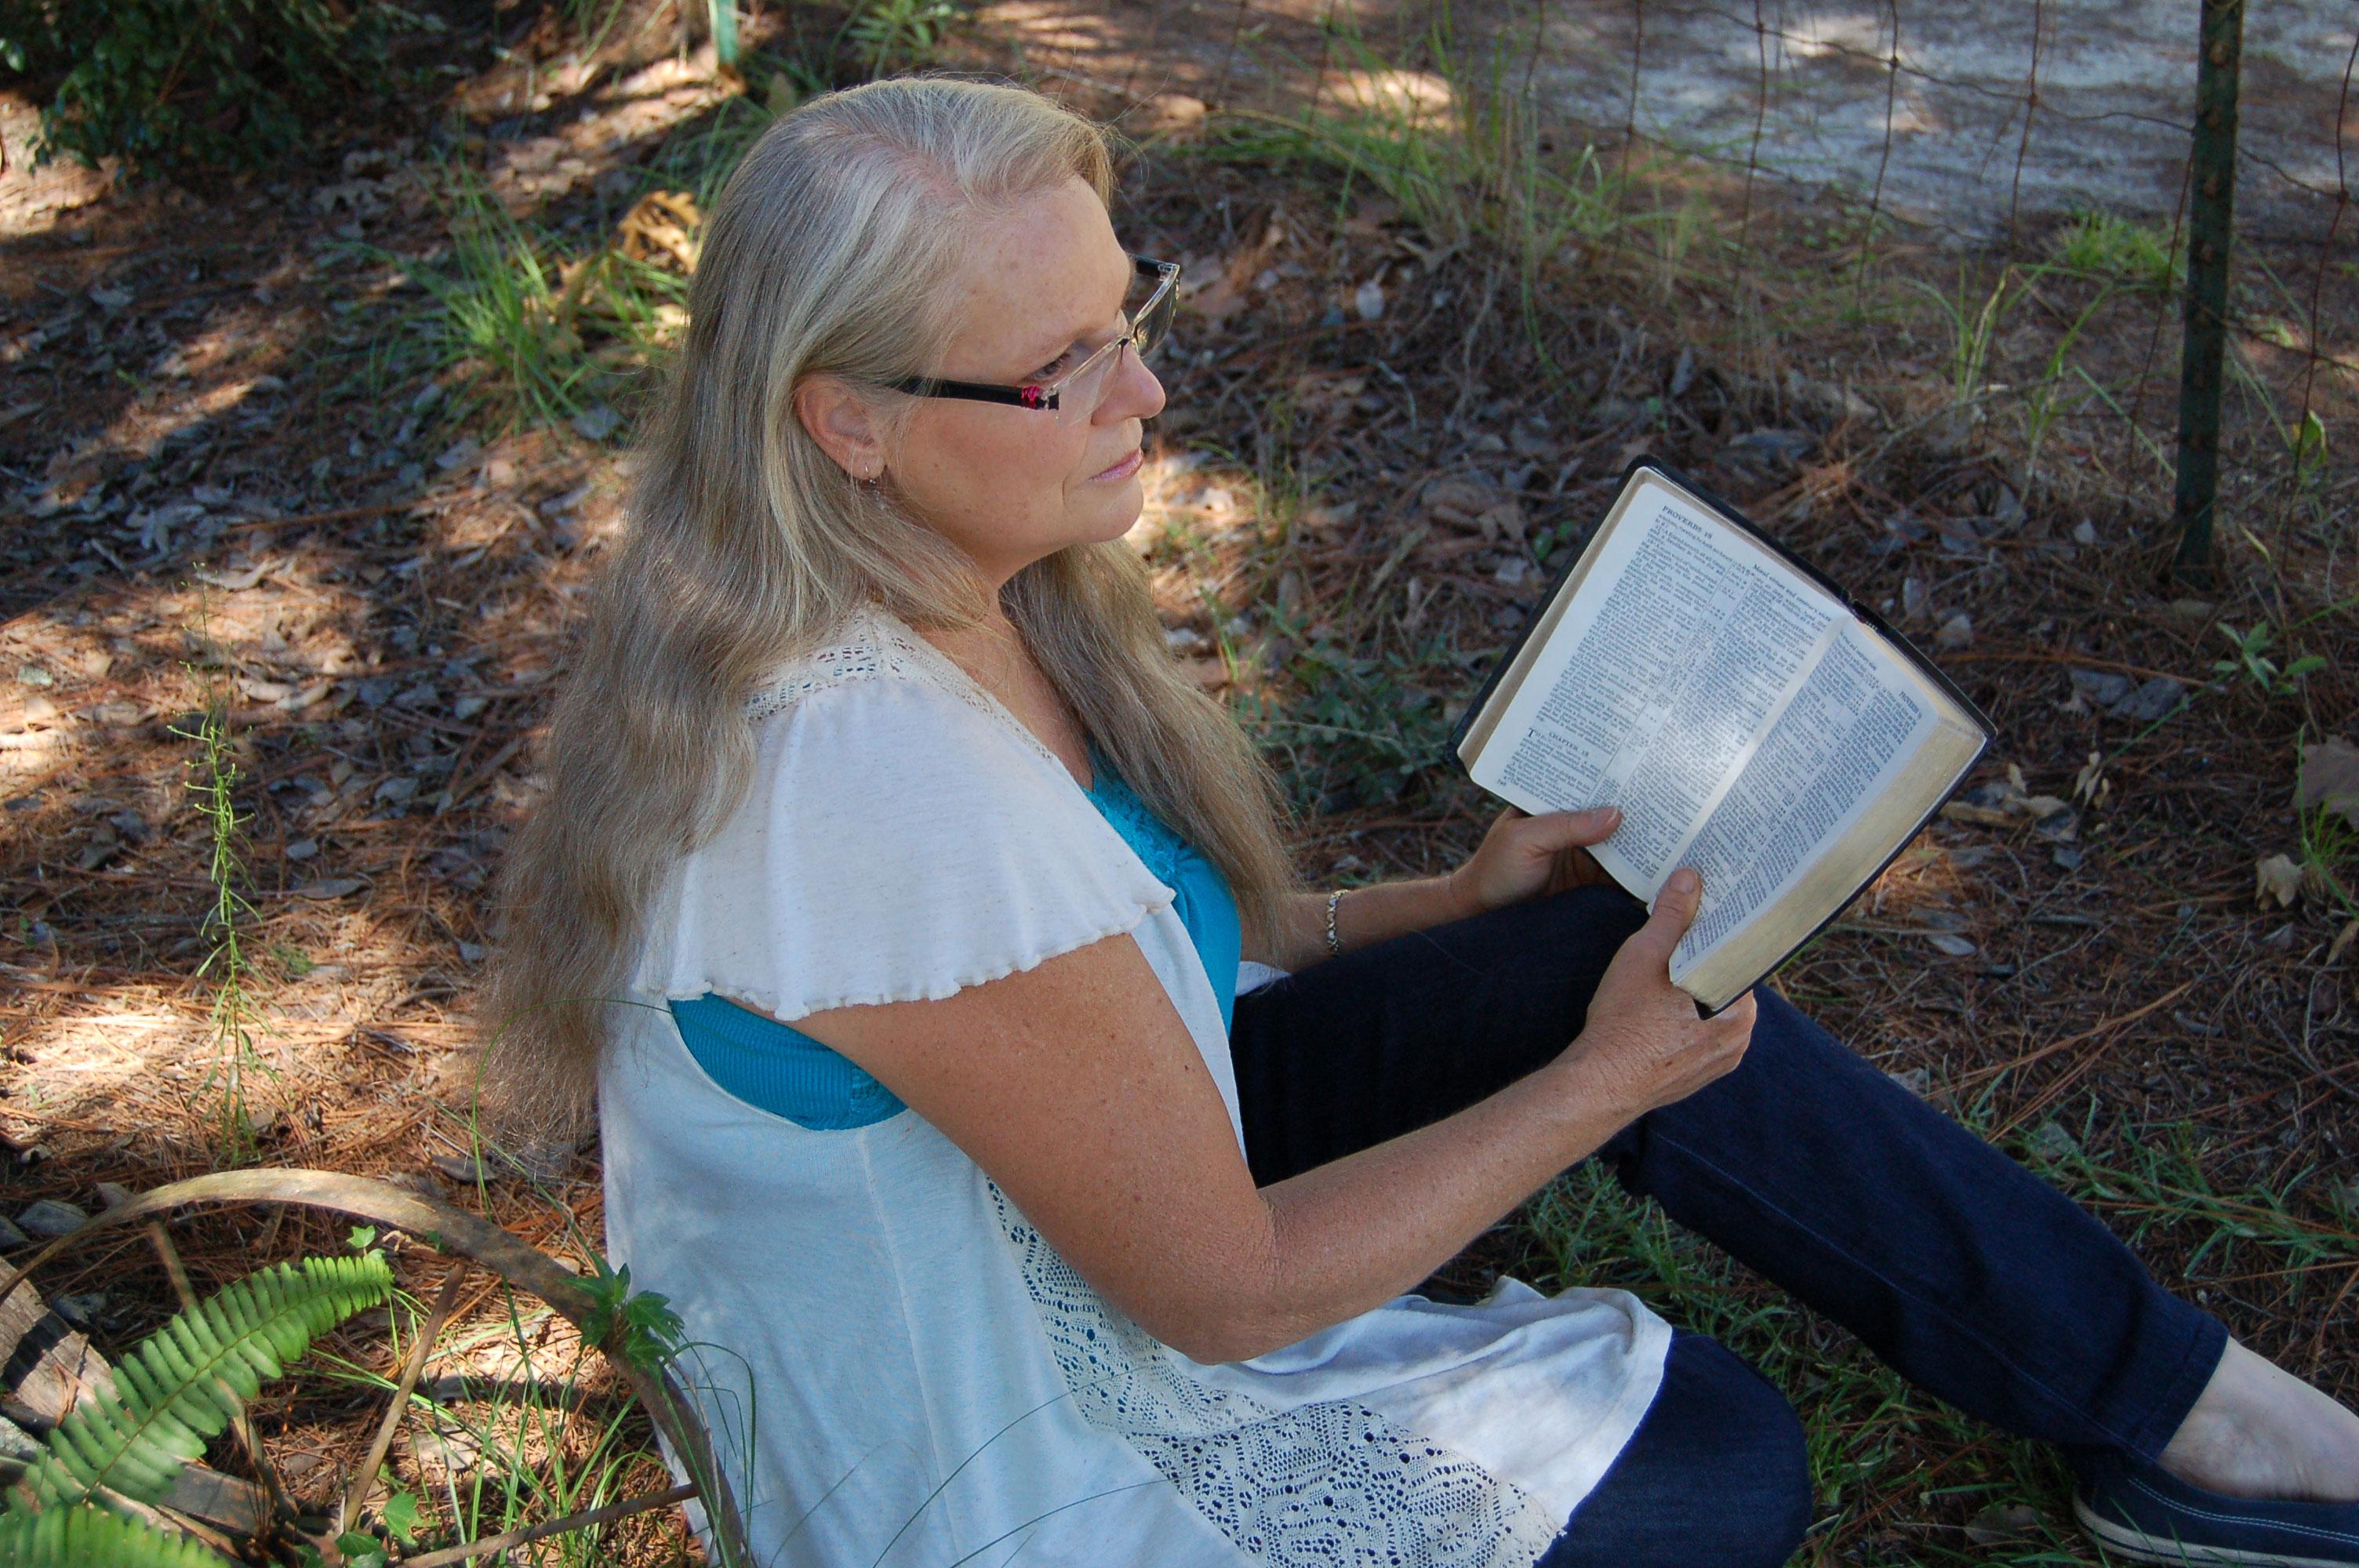 Christian Stock Photos by Linda Bateman - Woman Reading Bible Outdoors